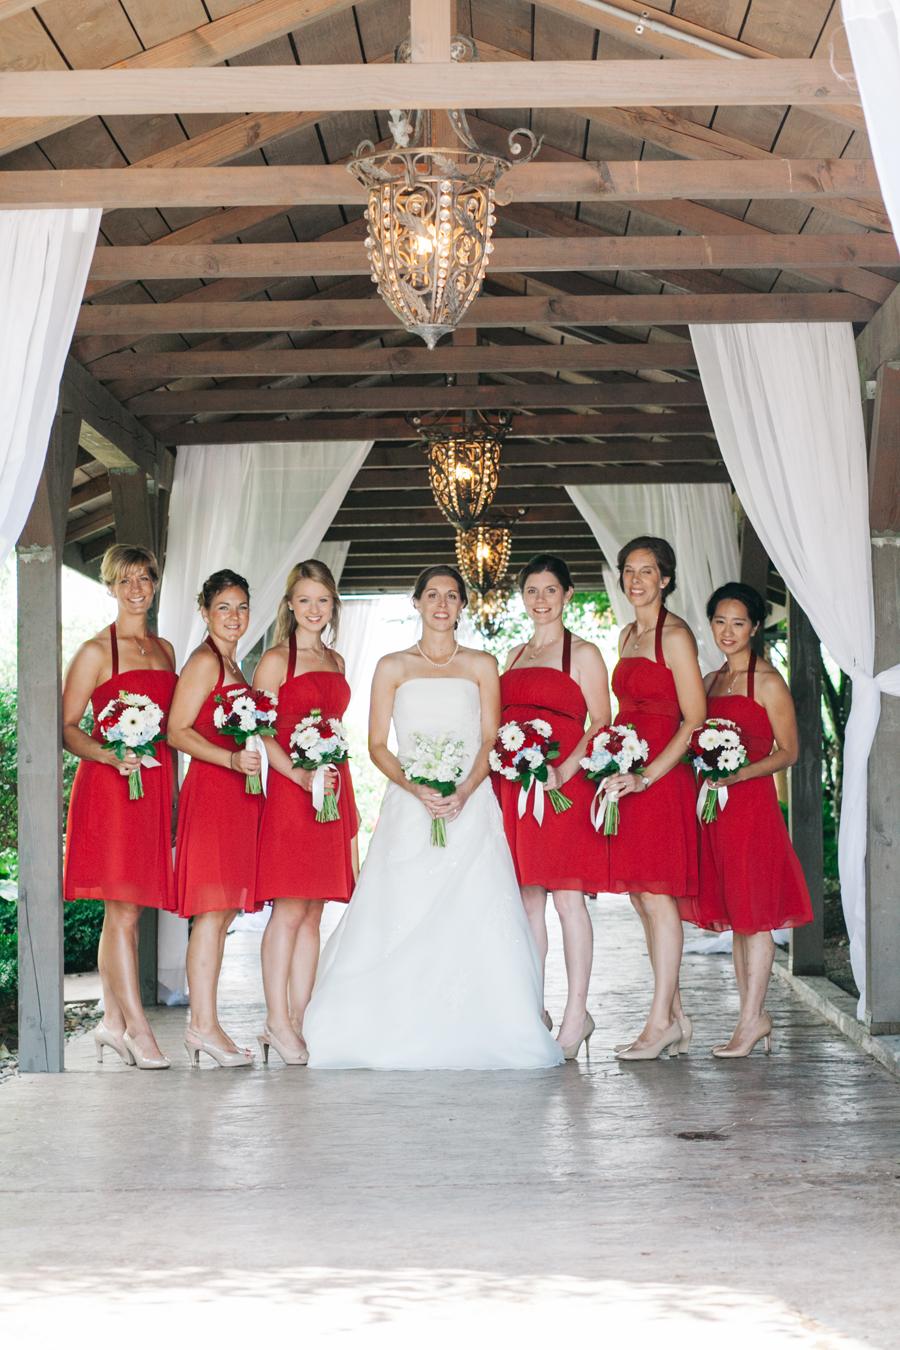 041-bellingham-wedding-photographer-katheryn-moran-photography-hidden-meadows.jpg